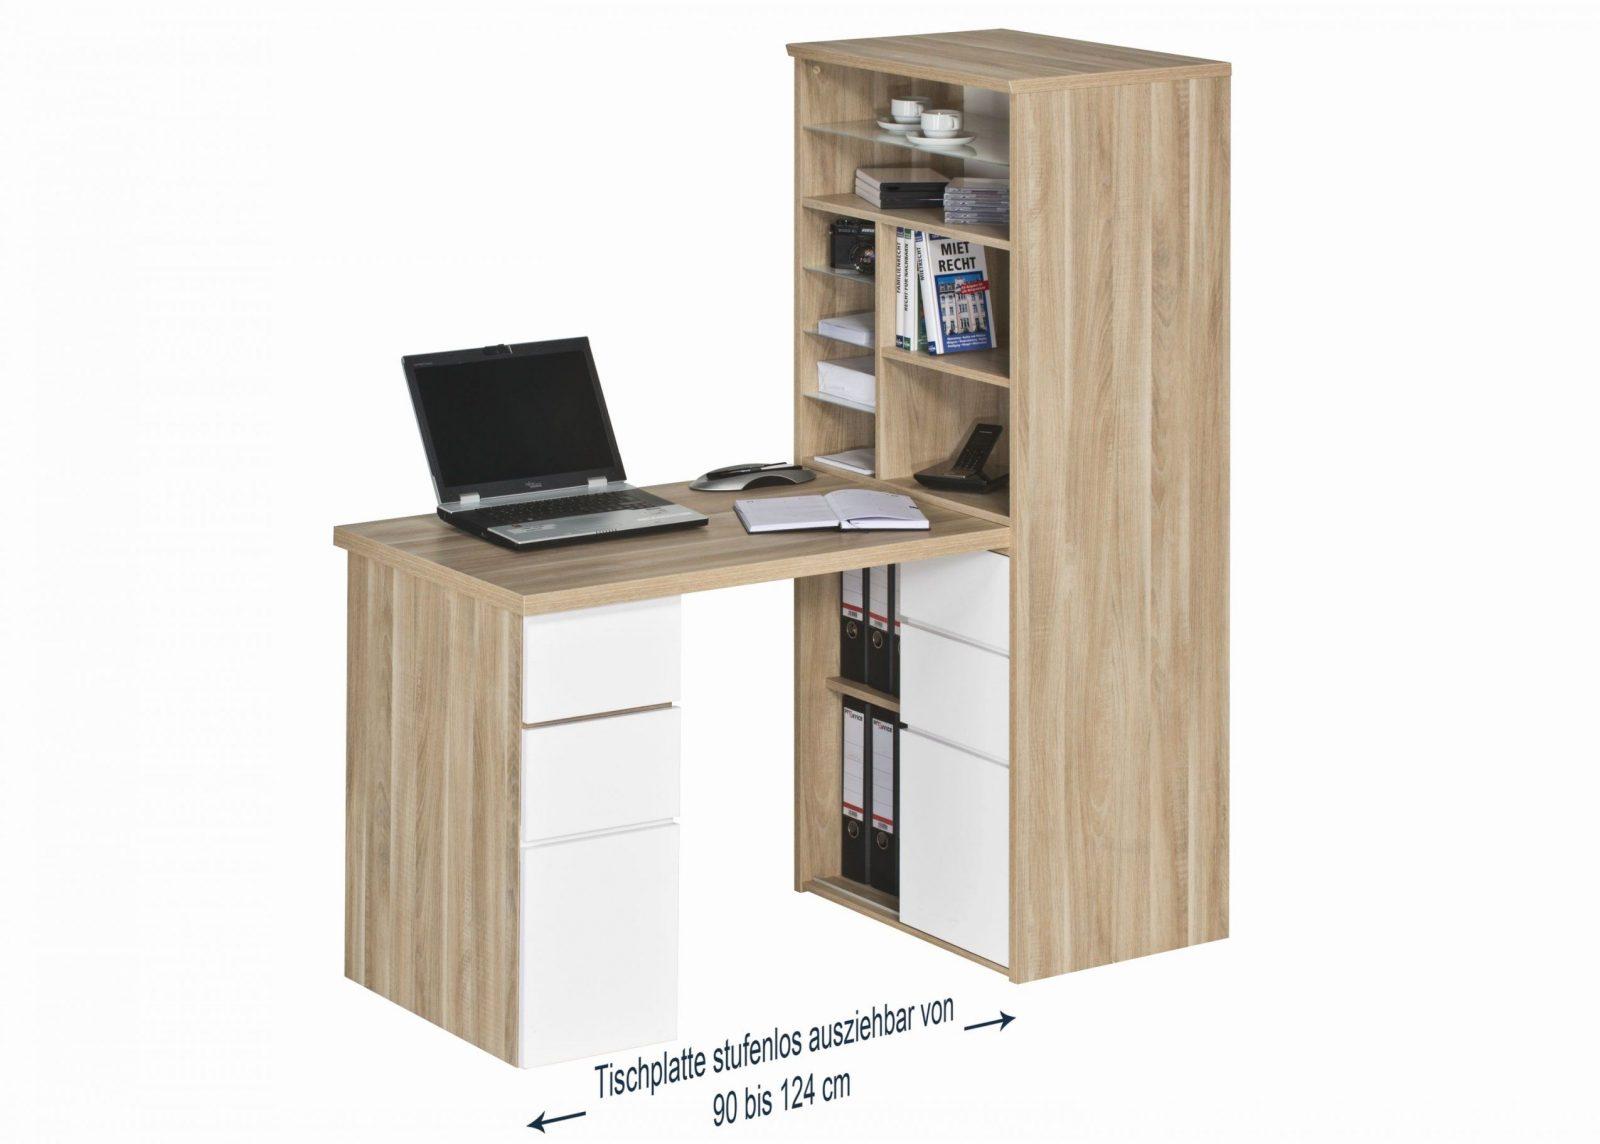 Schreibtisch Regal Kombination Best Regal Mit Schreibtischplatte von Schreibtisch Regal Selber Bauen Photo